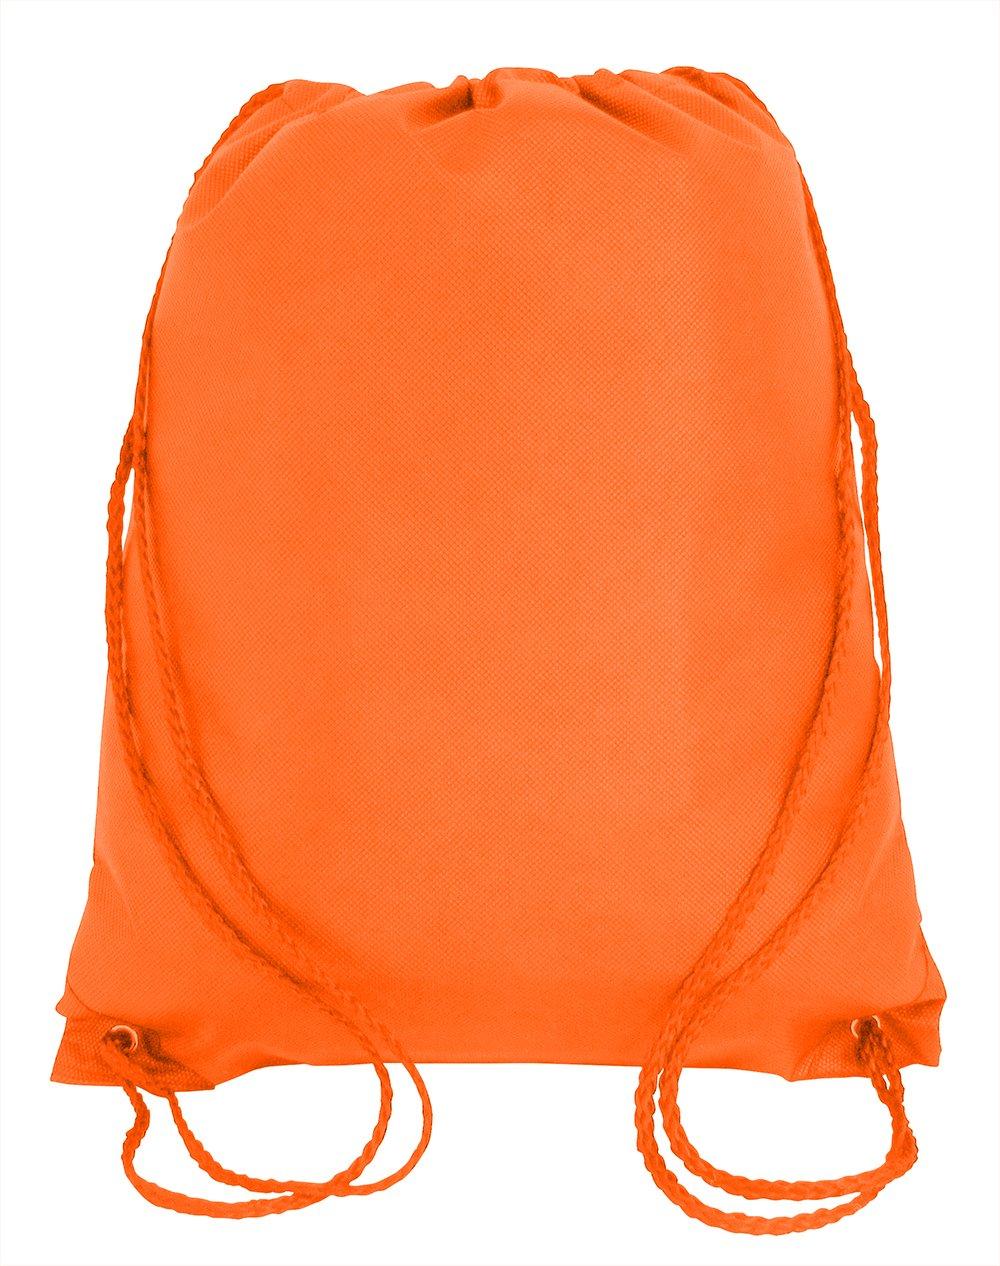 Bulk Drawstring Backpack Bags Sack Pack Cinch Tote Kids Sport Storage Bag for Gym Traveling (100, ORANGE)